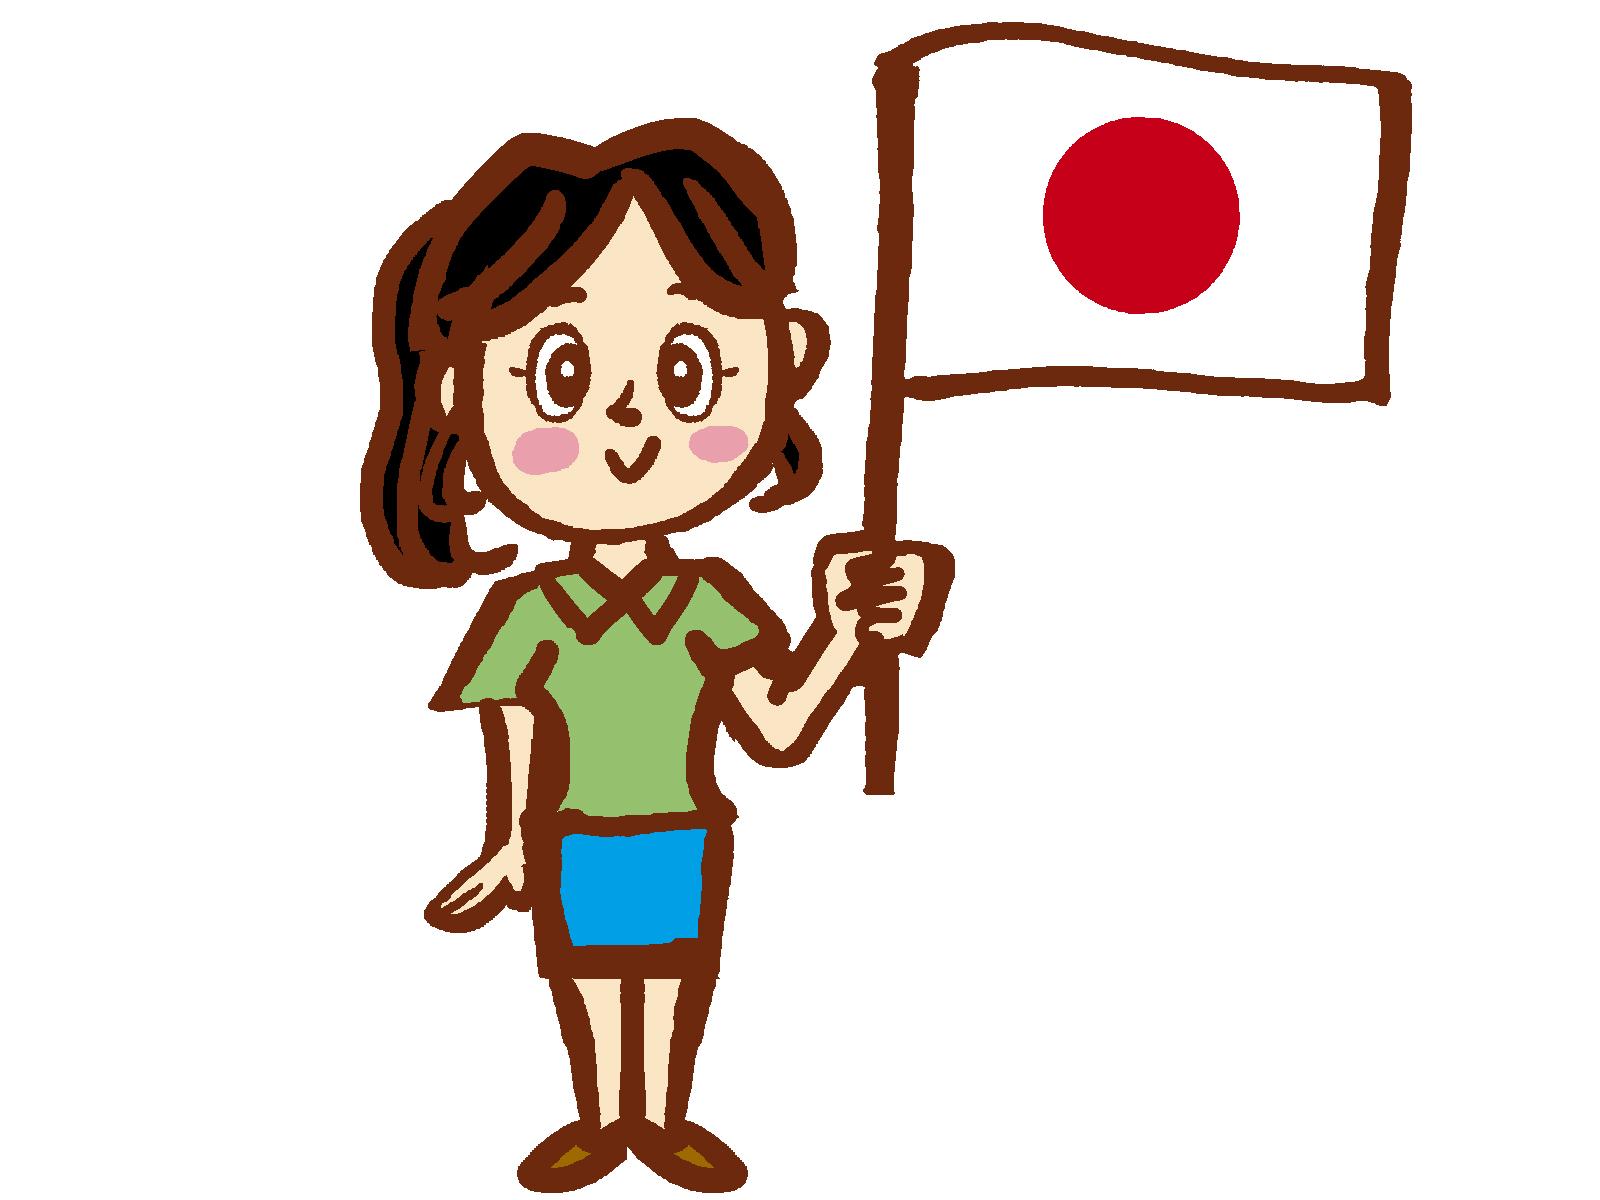 カナダ人はなぜ愛国心が強いのか。日本人の愛国心との比較